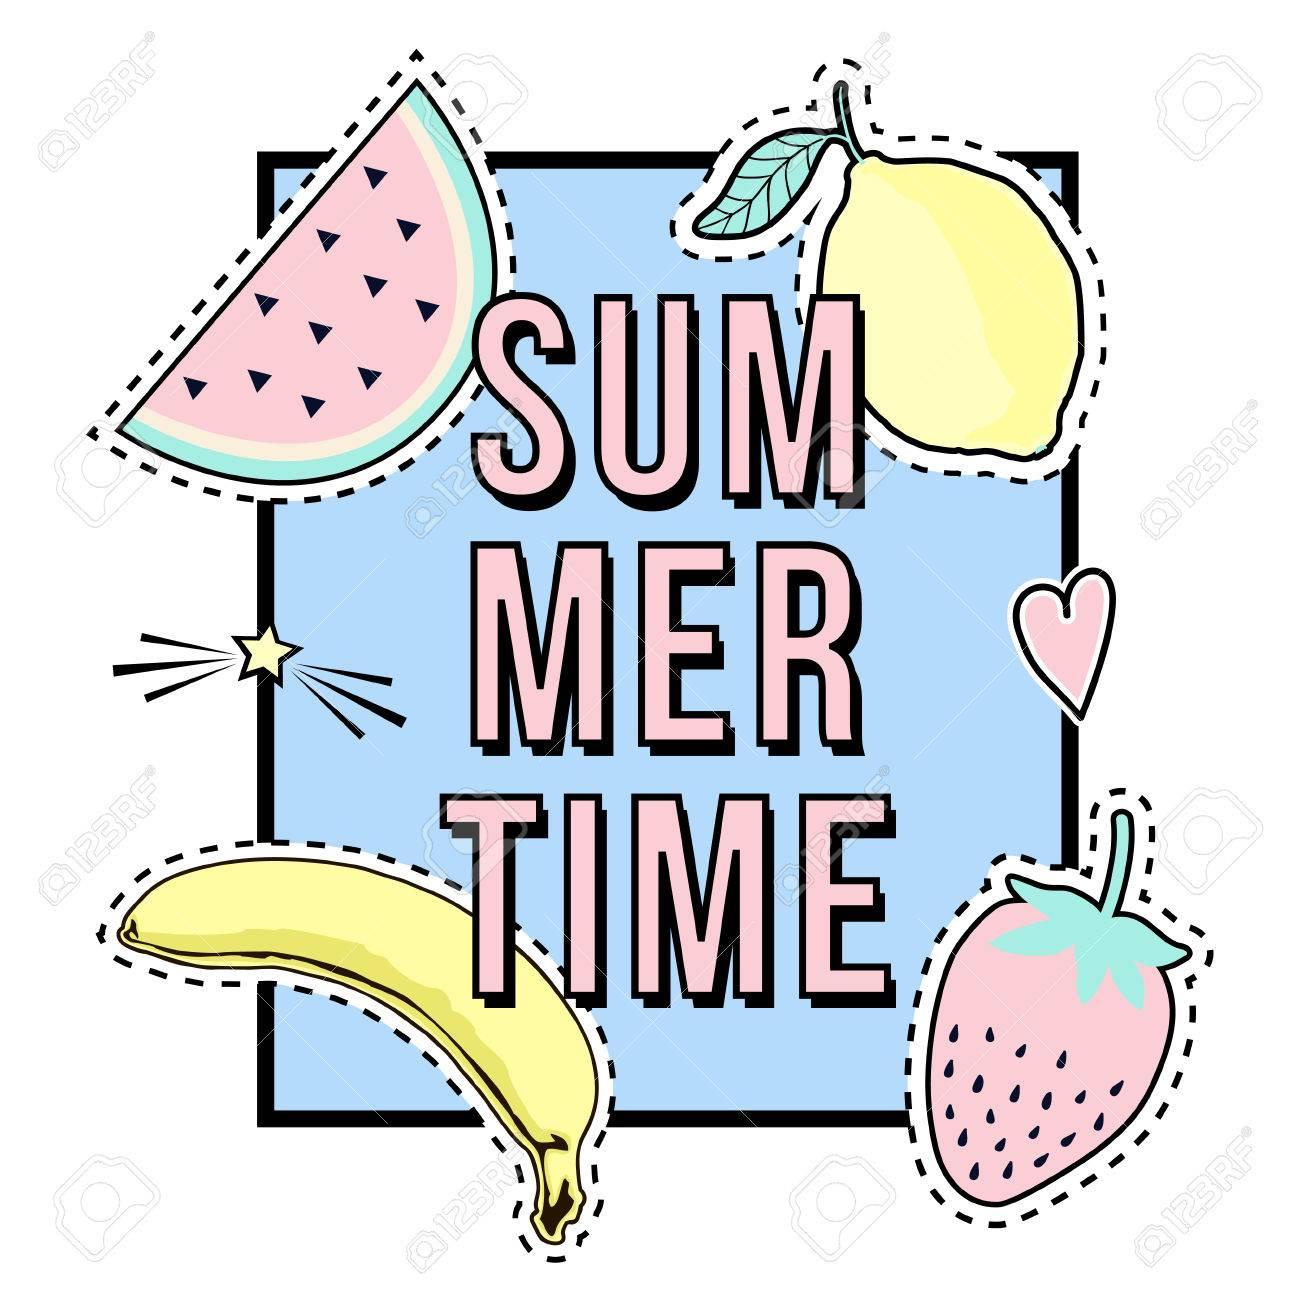 ベクトル夏の時間フレームとフルーツ パッチのバッジとかわいいイラスト